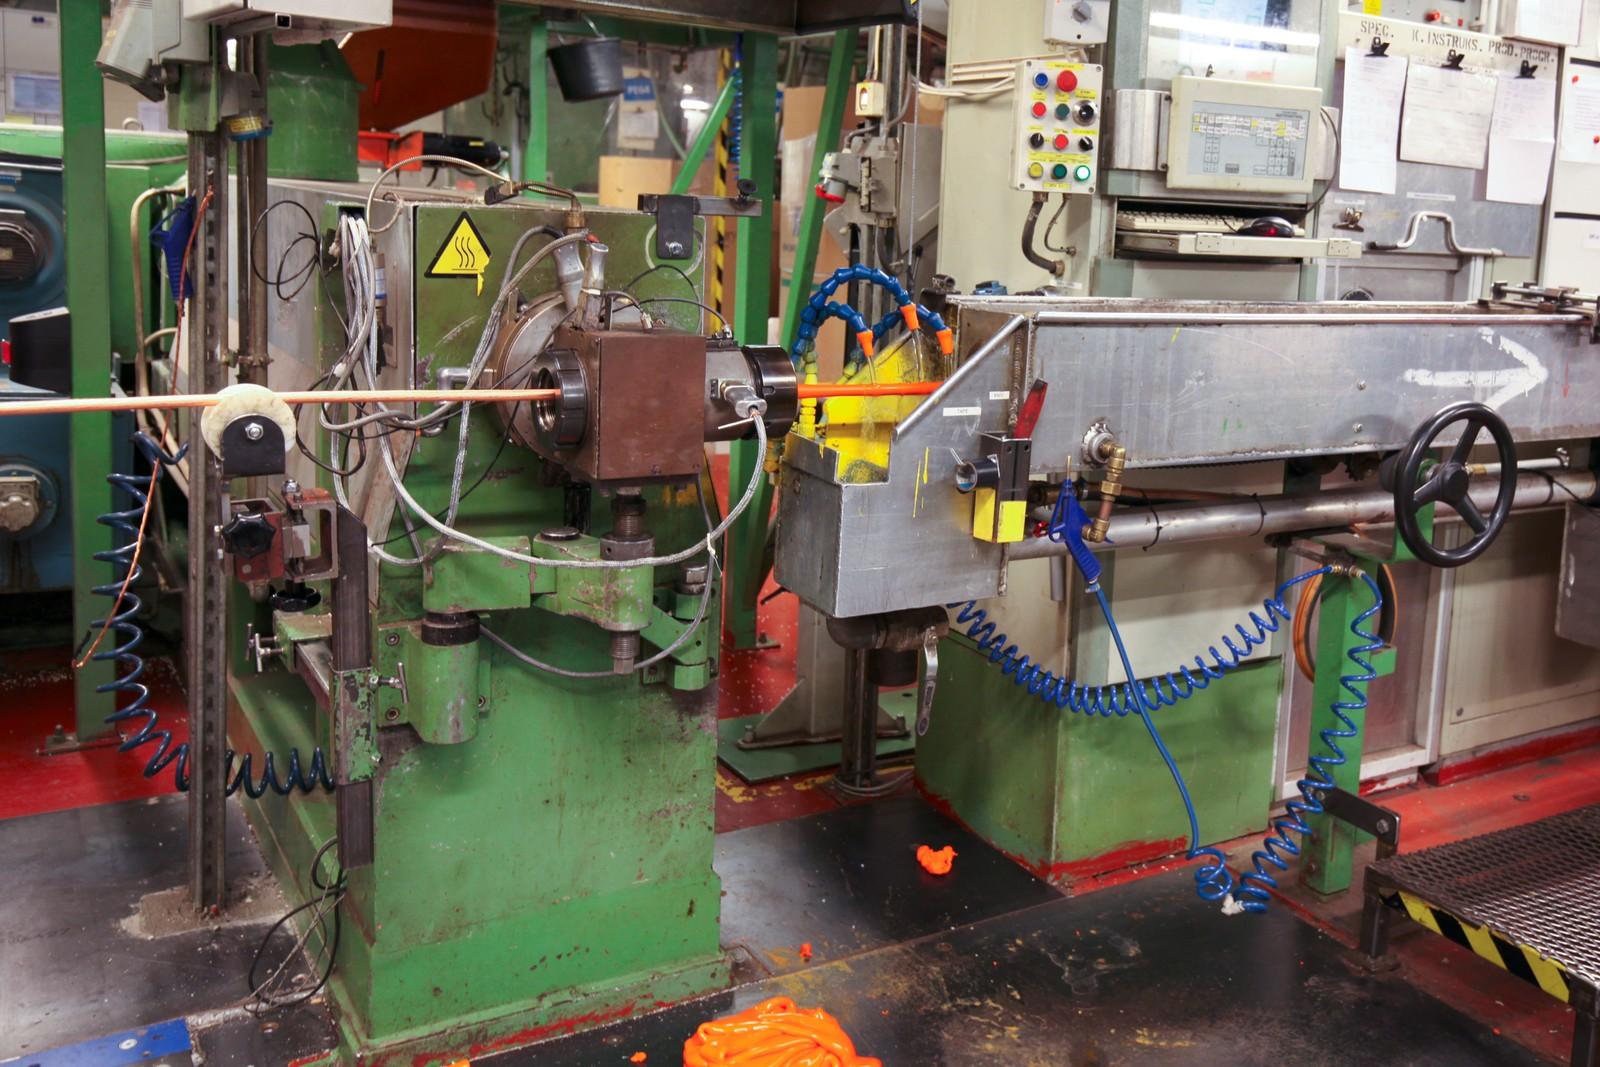 Den oransje plasten skal isolere avansert elektronikk. Nexans produserte telefonkabler fra 1972 til 2008. Kunnskapen brukes nå til å produsere kabler for bruk til oljeutvinning på store havdyp. 200 ansatte sørger for døgndrift. Rundt 80 prosent av driften er til eksport.